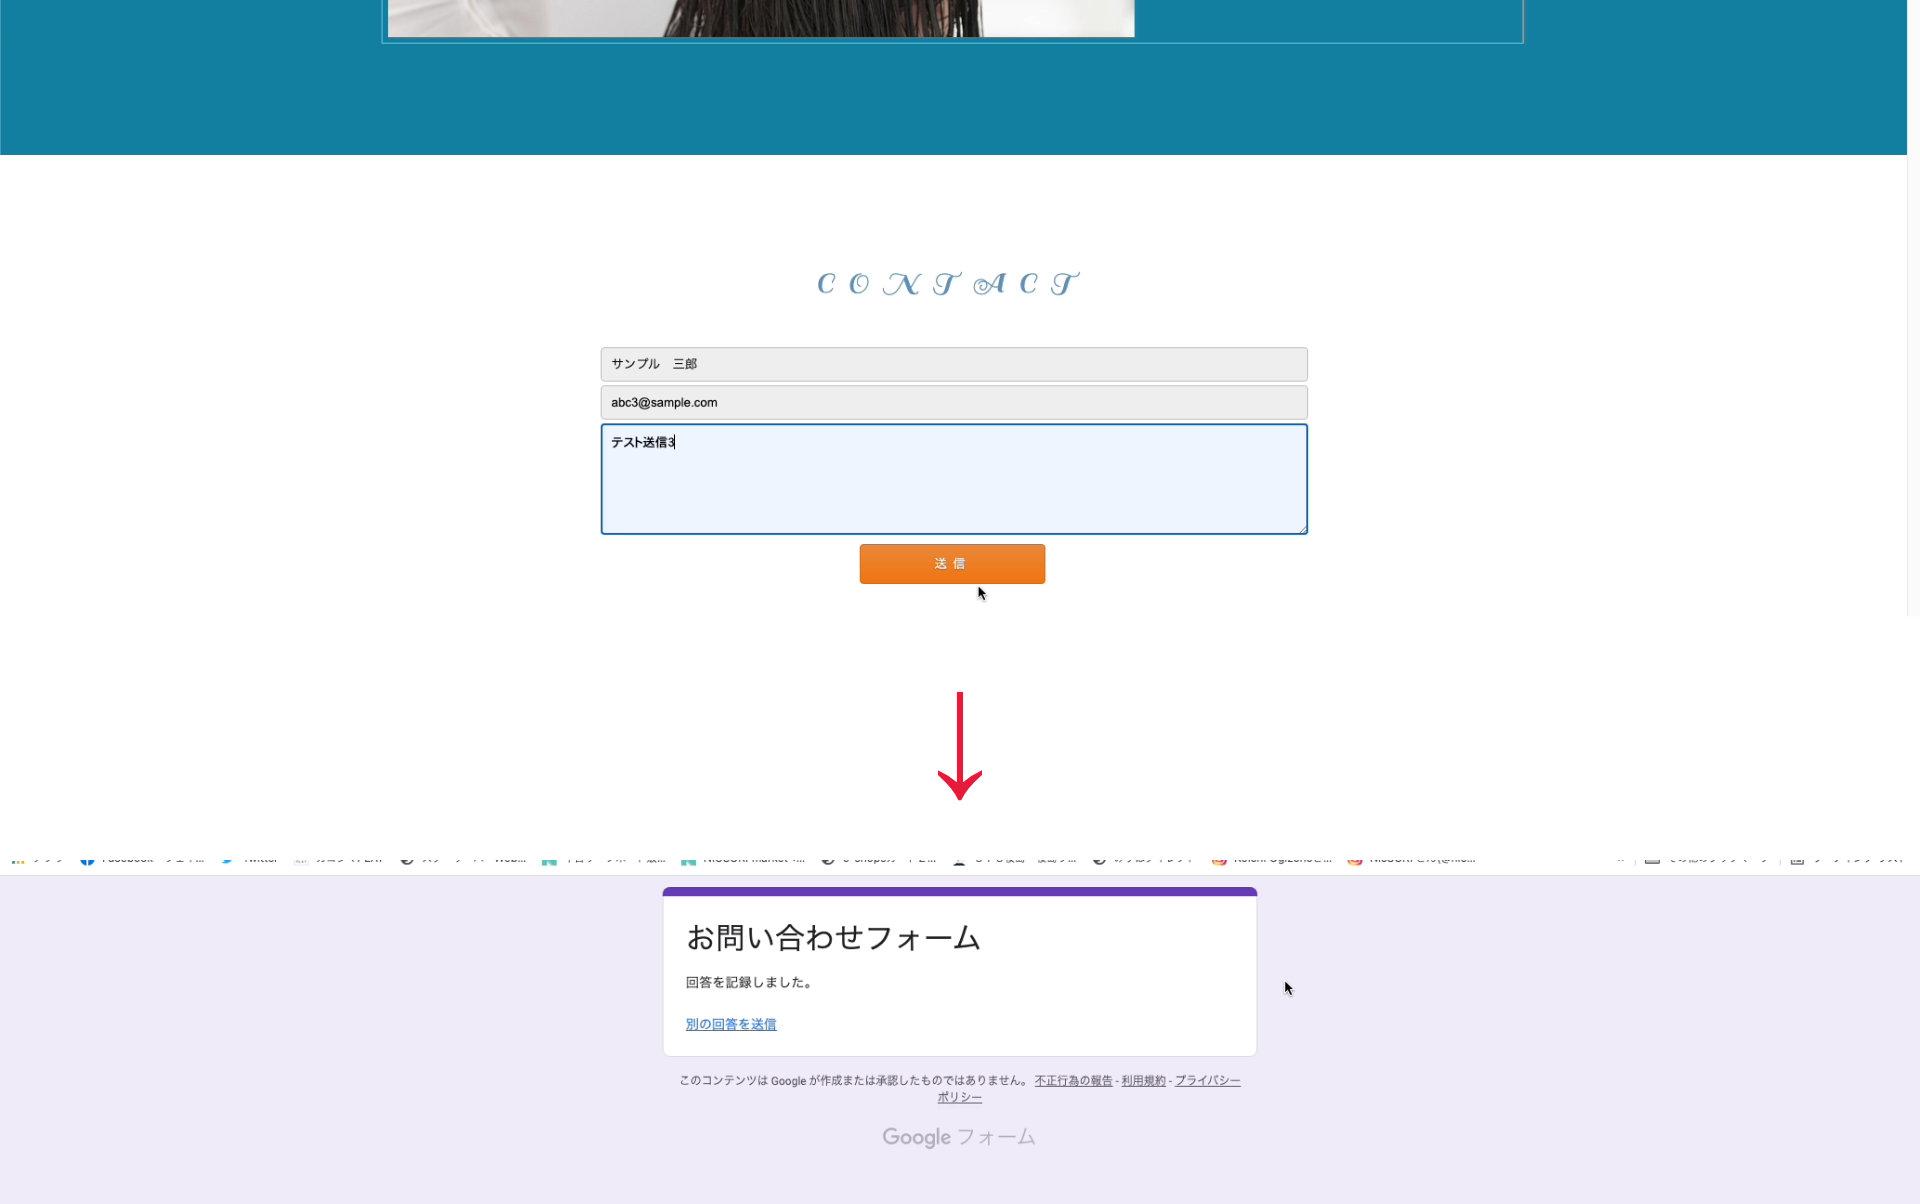 HTMLで作成したお問い合わせフォームにGoogleフォームを実装「送信後の表示例」